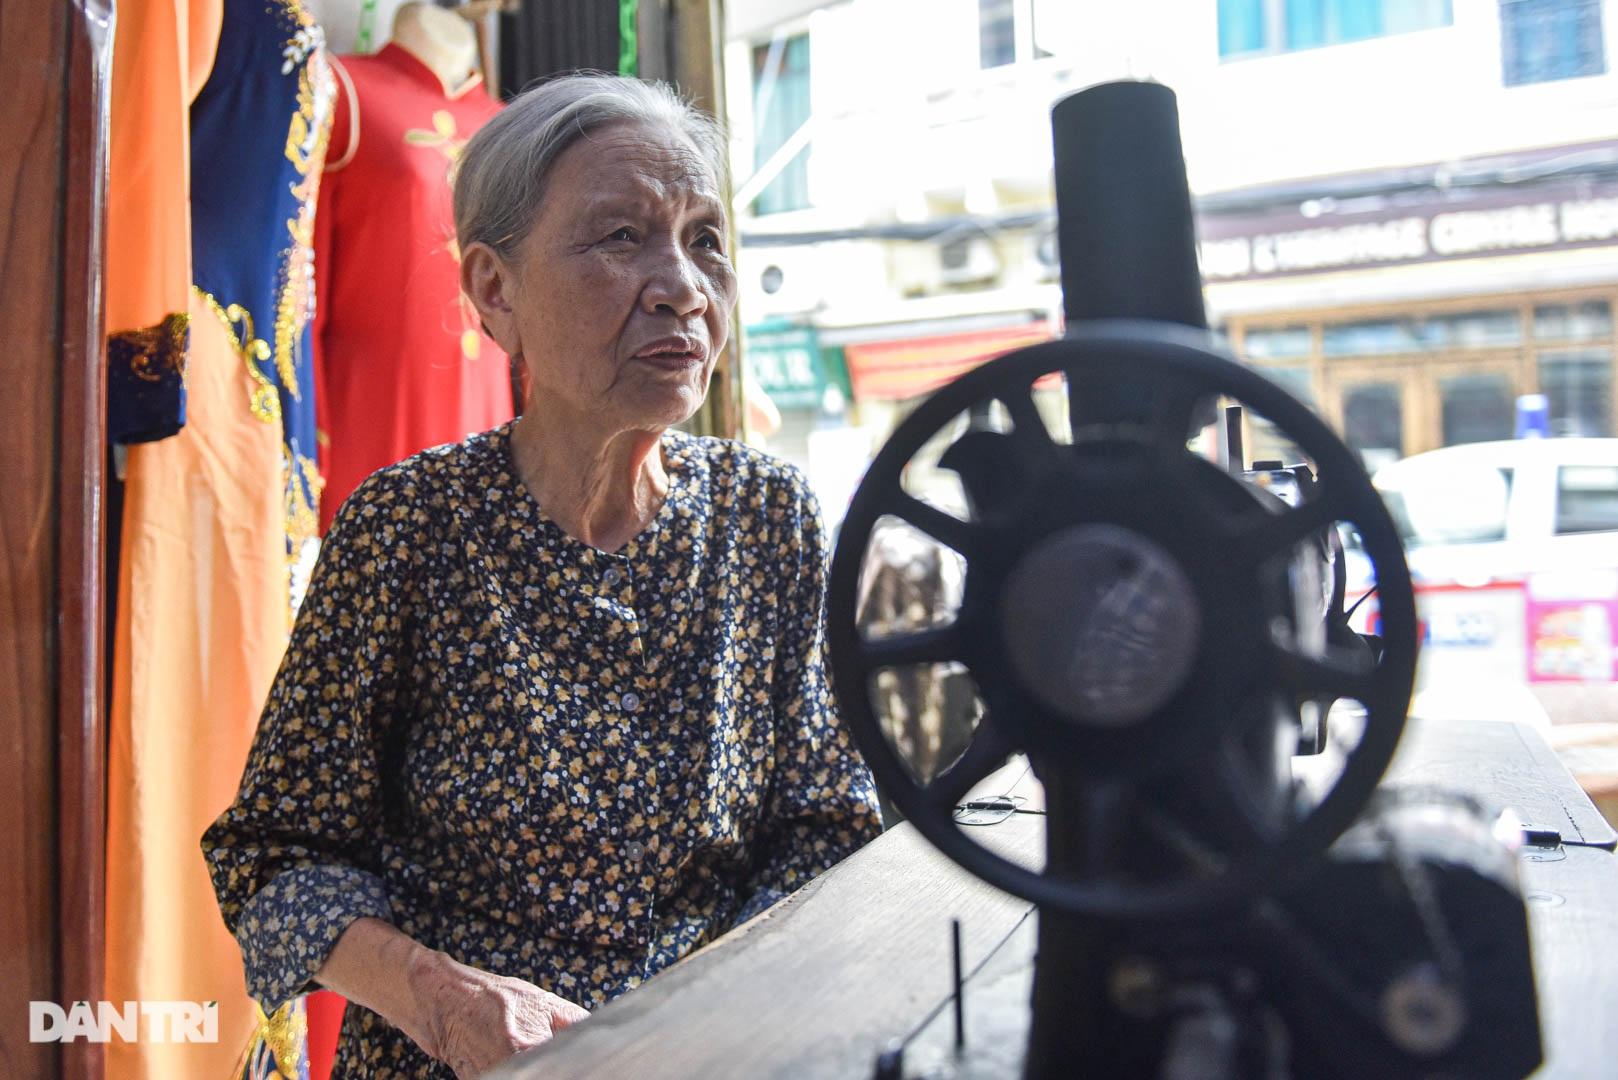 Tiệm áo dài 4 đời được trả 400 cây vàng mà không bán của cụ bà 81 tuổi - 11